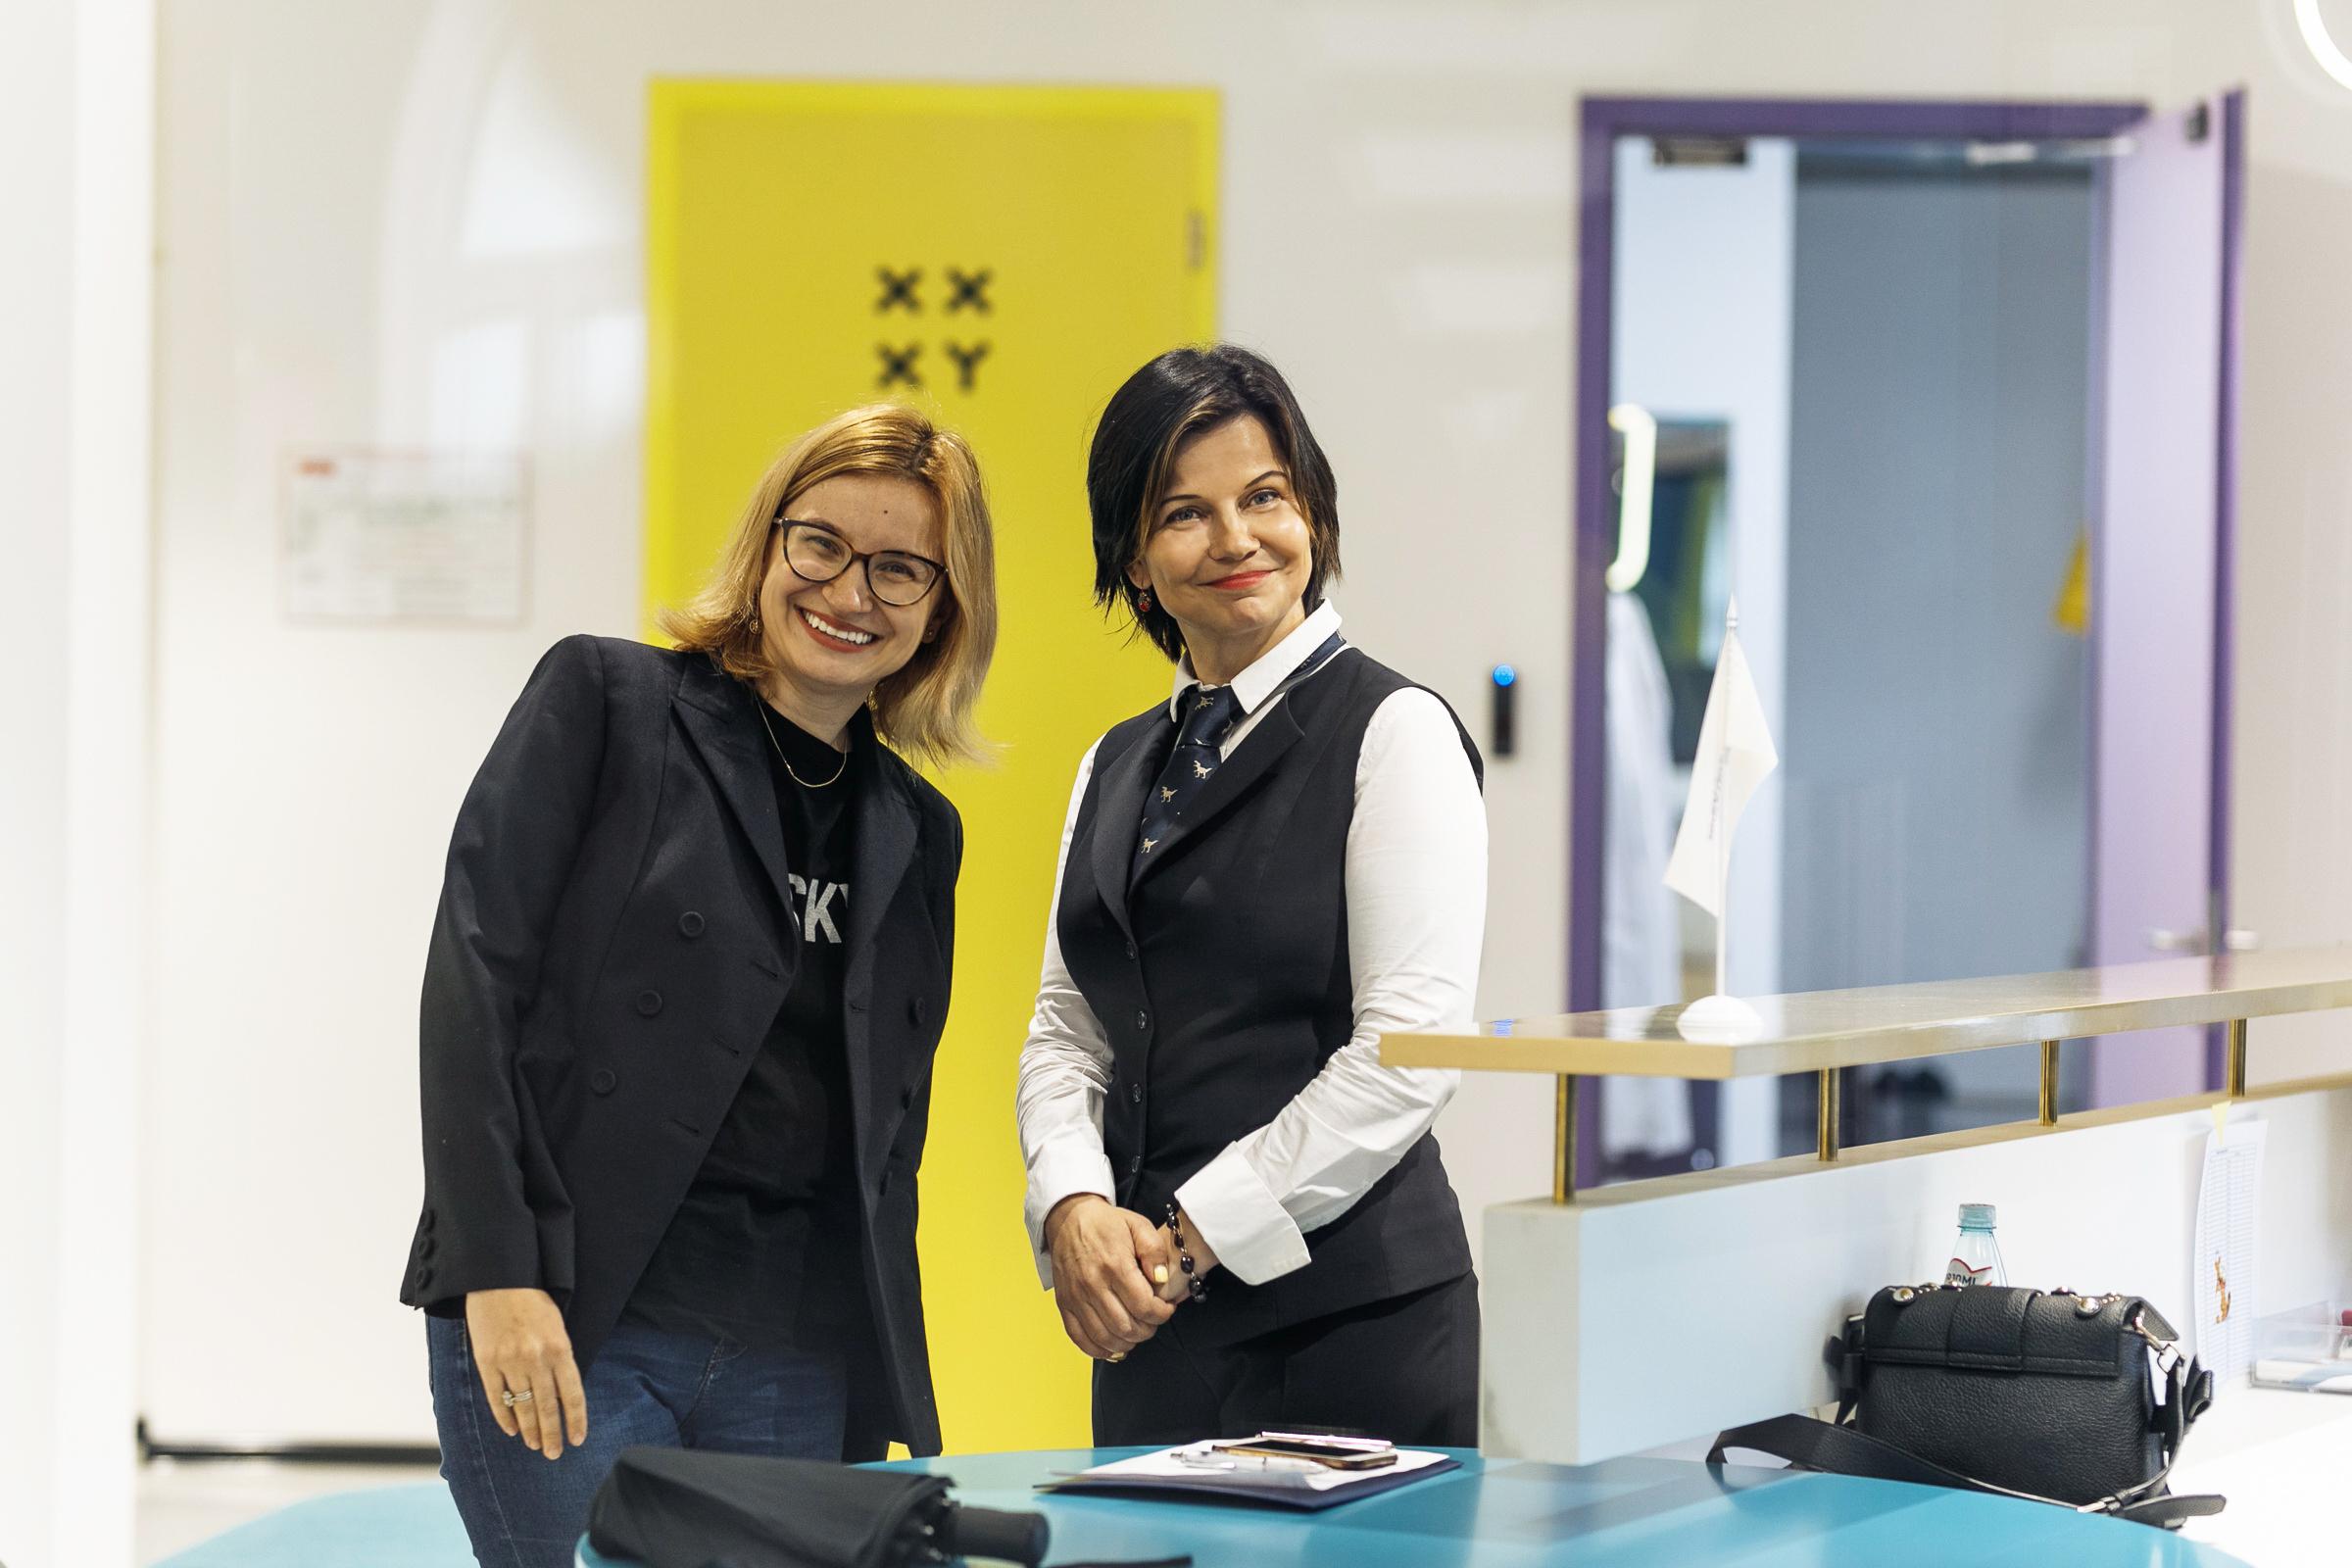 Мария Гвардейцева (слева) и Ольга Прокопьева. Фото предоставлено авторами